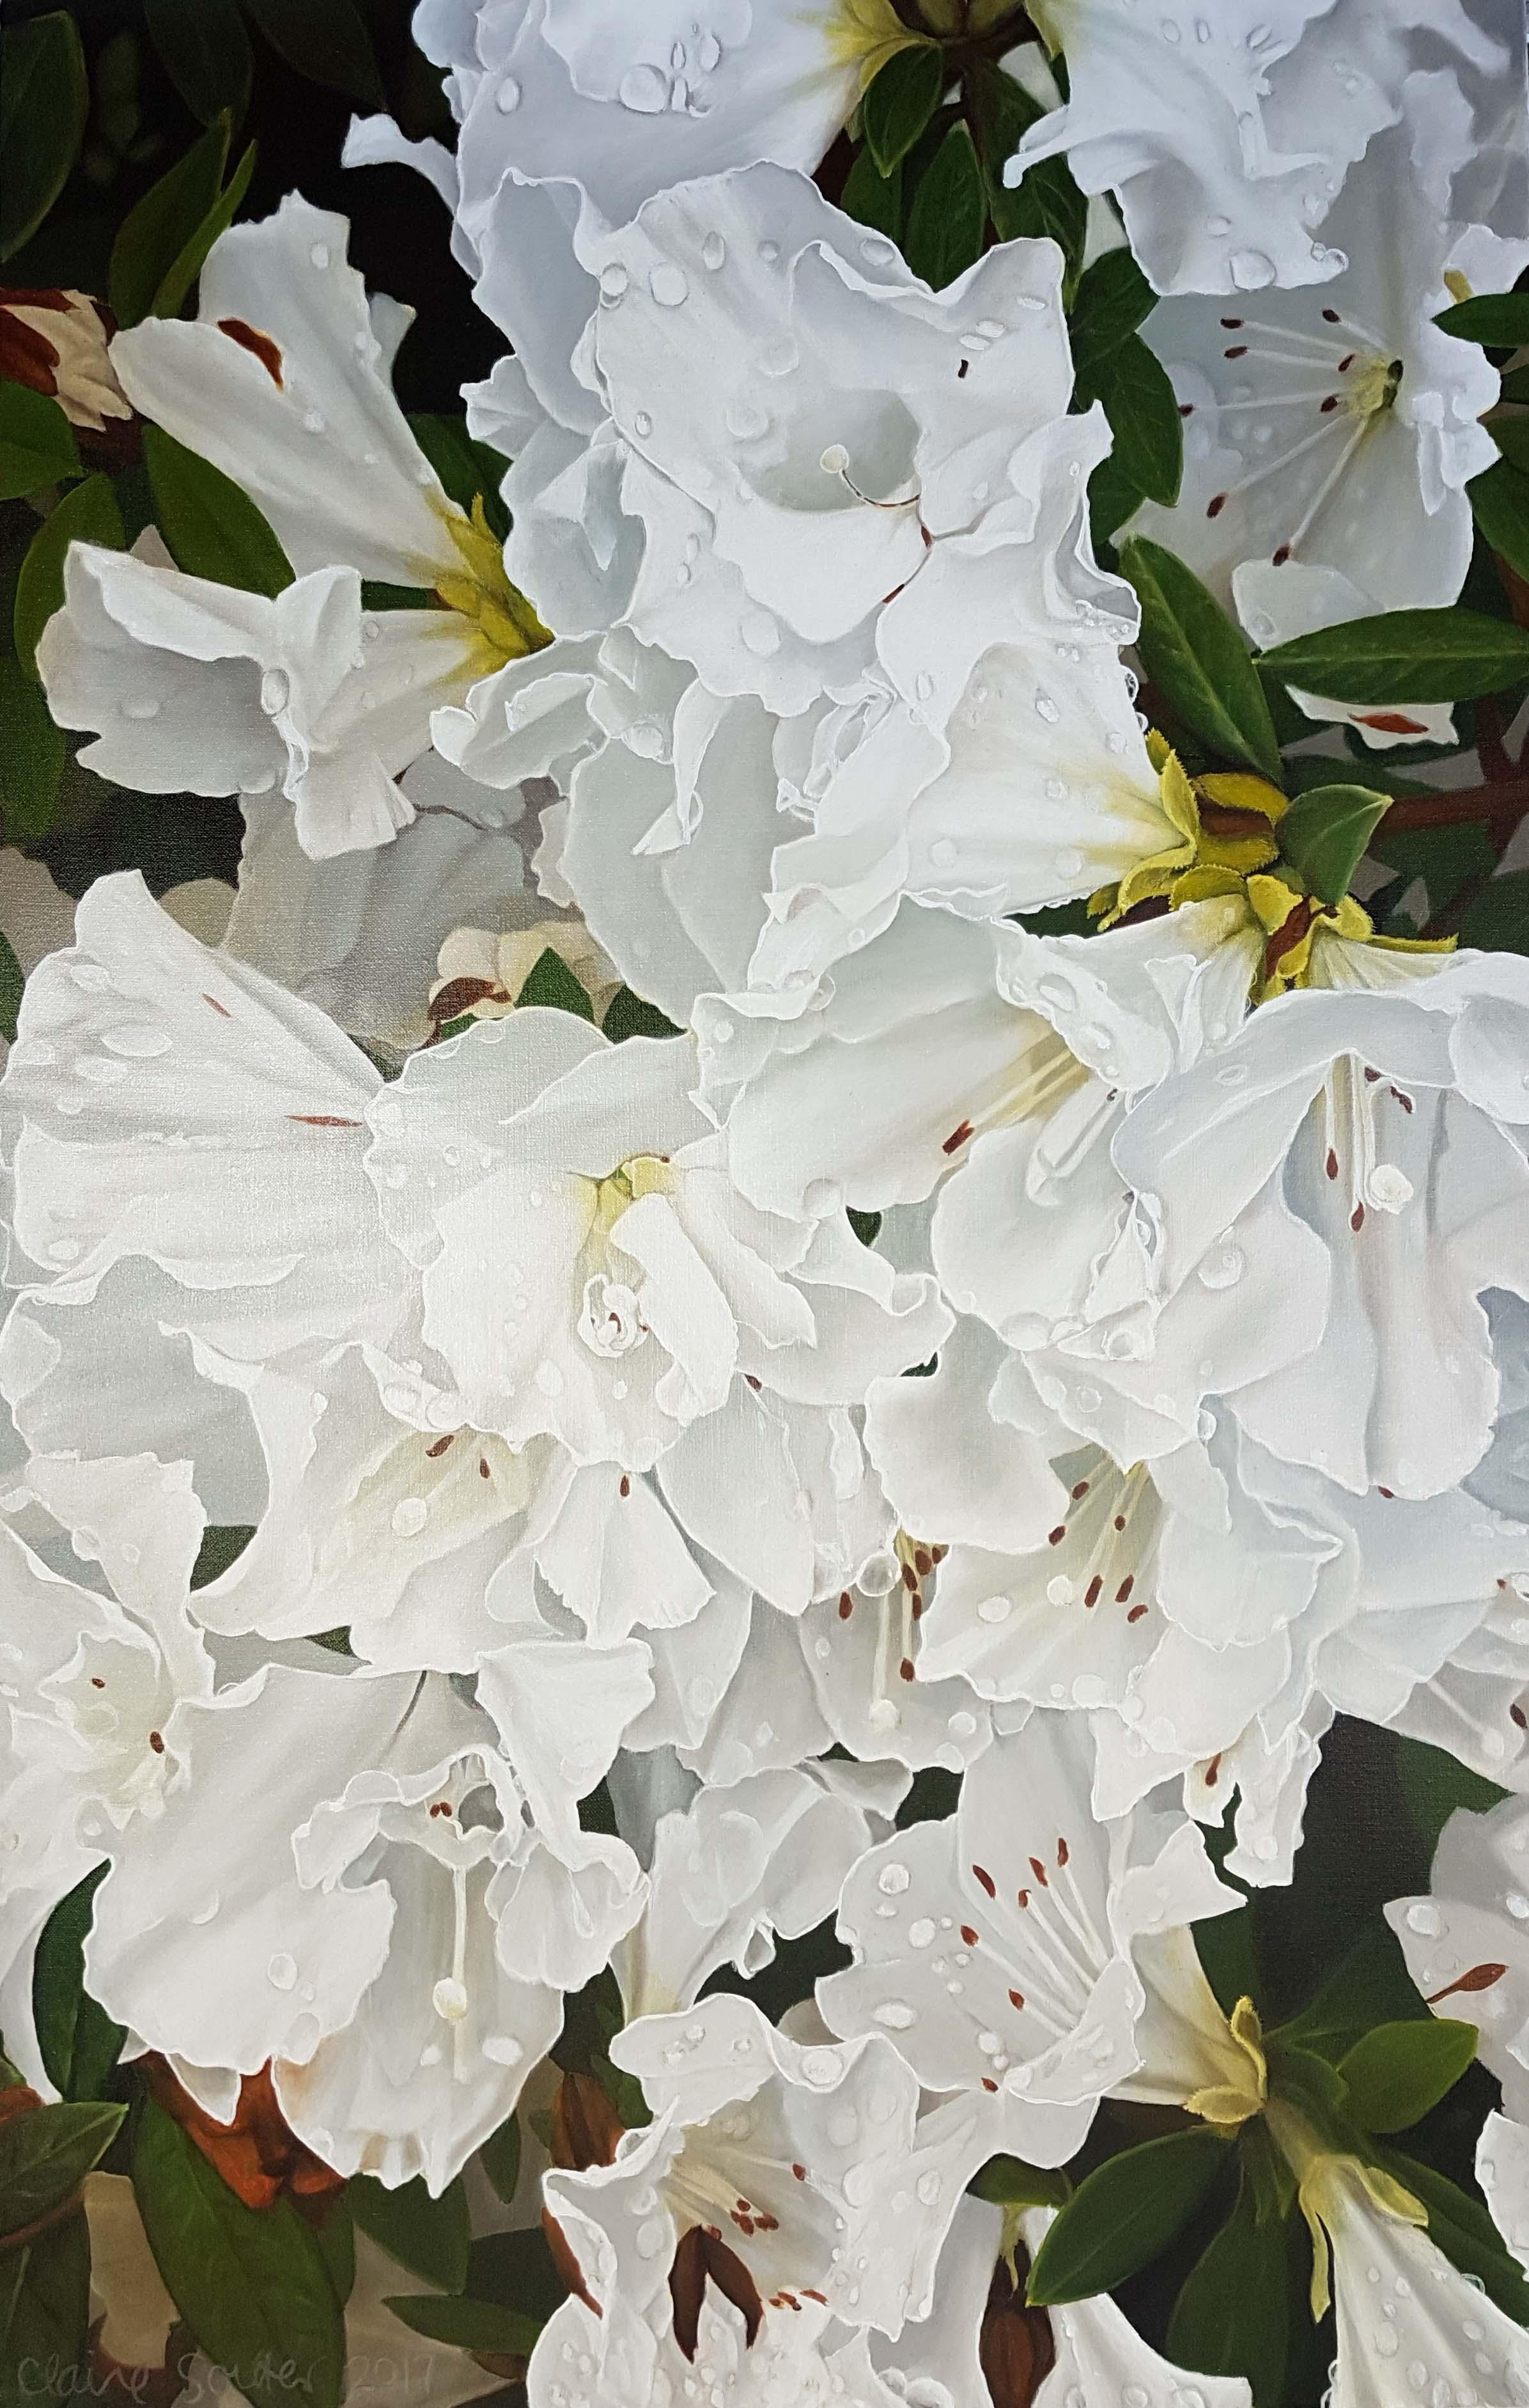 the azaleas